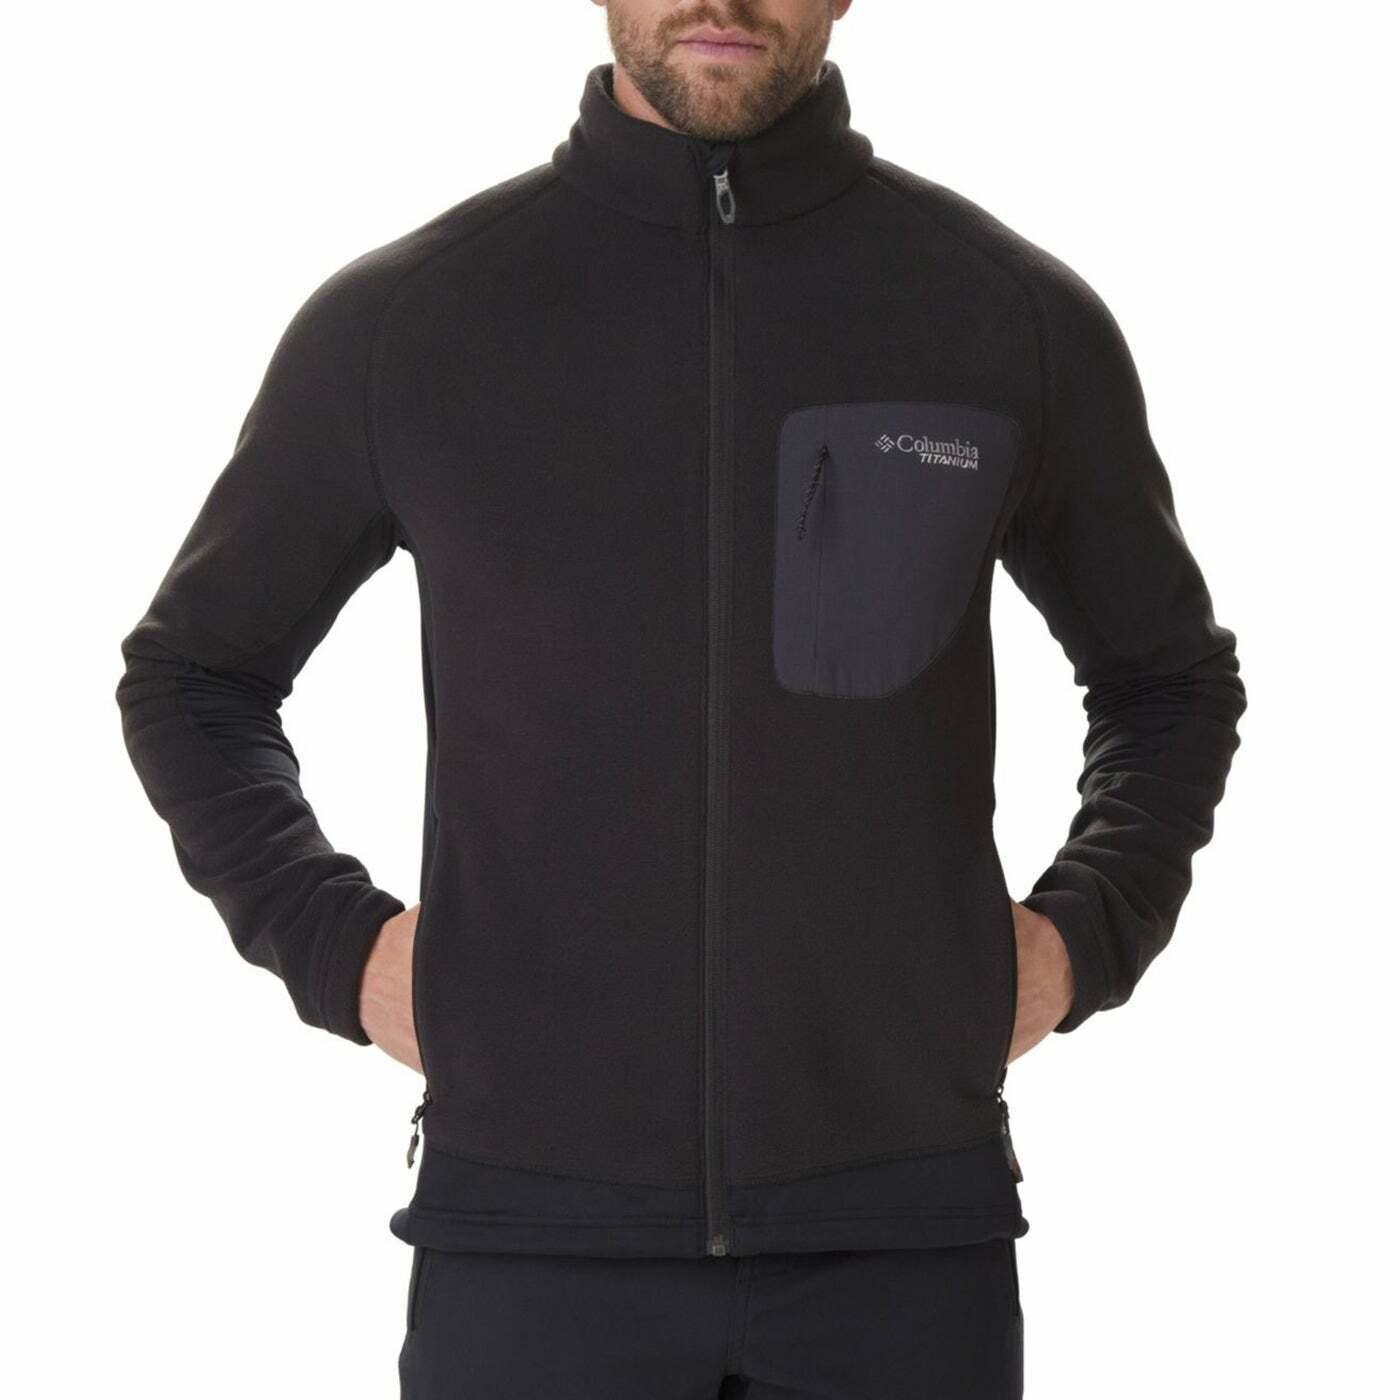 Columbia Titan Pass 2.0 II Veste Homme Polaire Noir Toutes Tailles